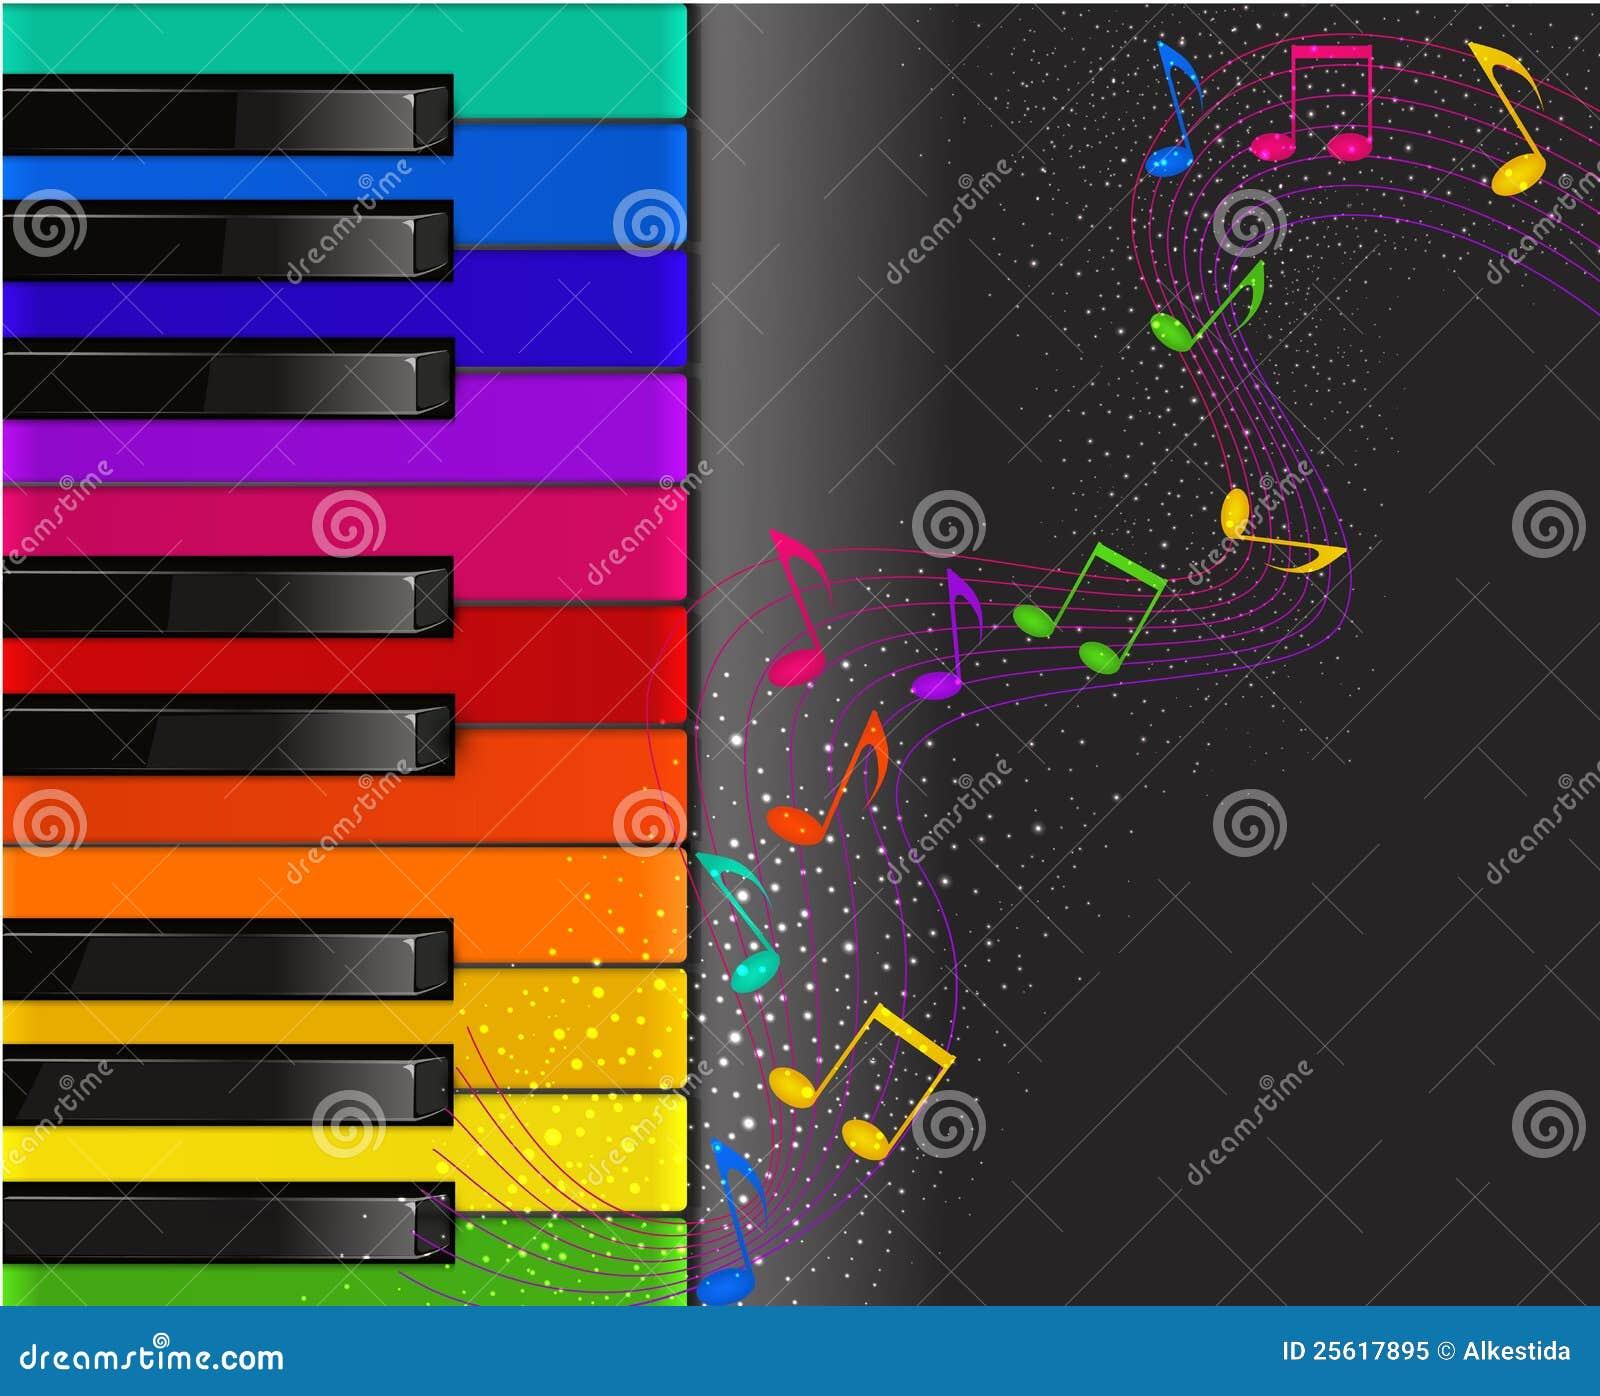 imagens colorida com fundo preto